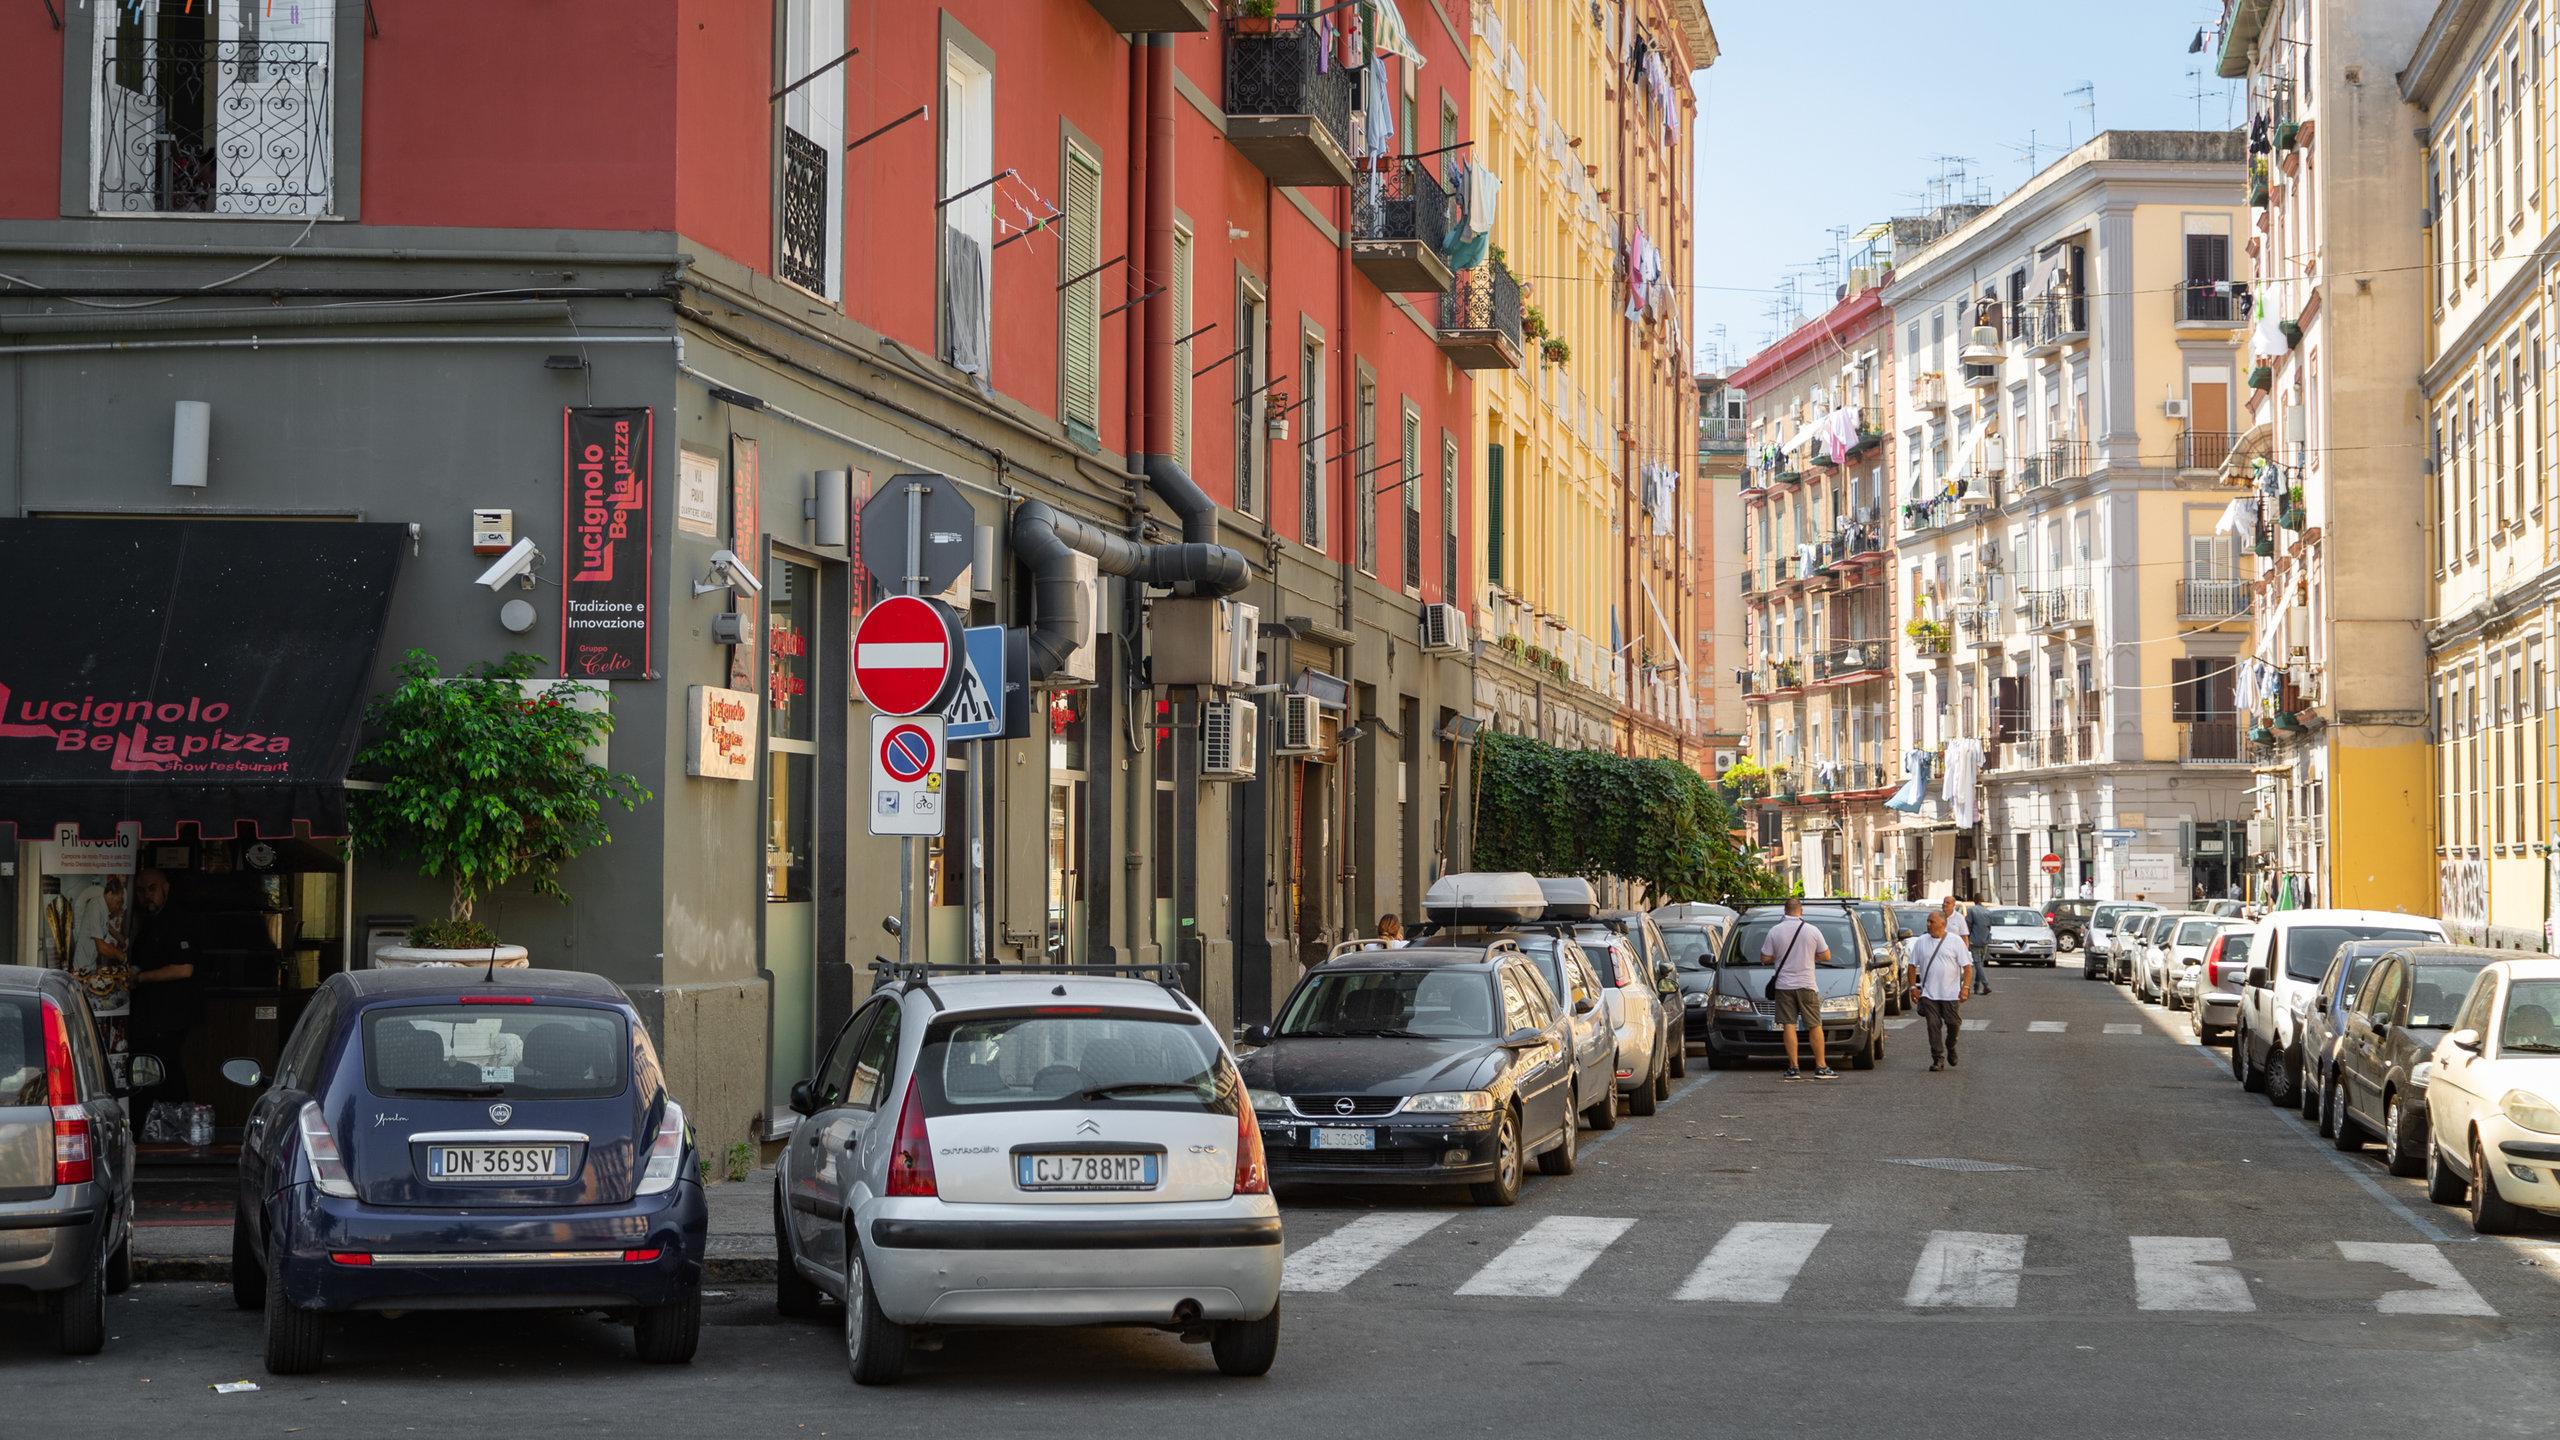 Vasto, Naples, Campania, Italy